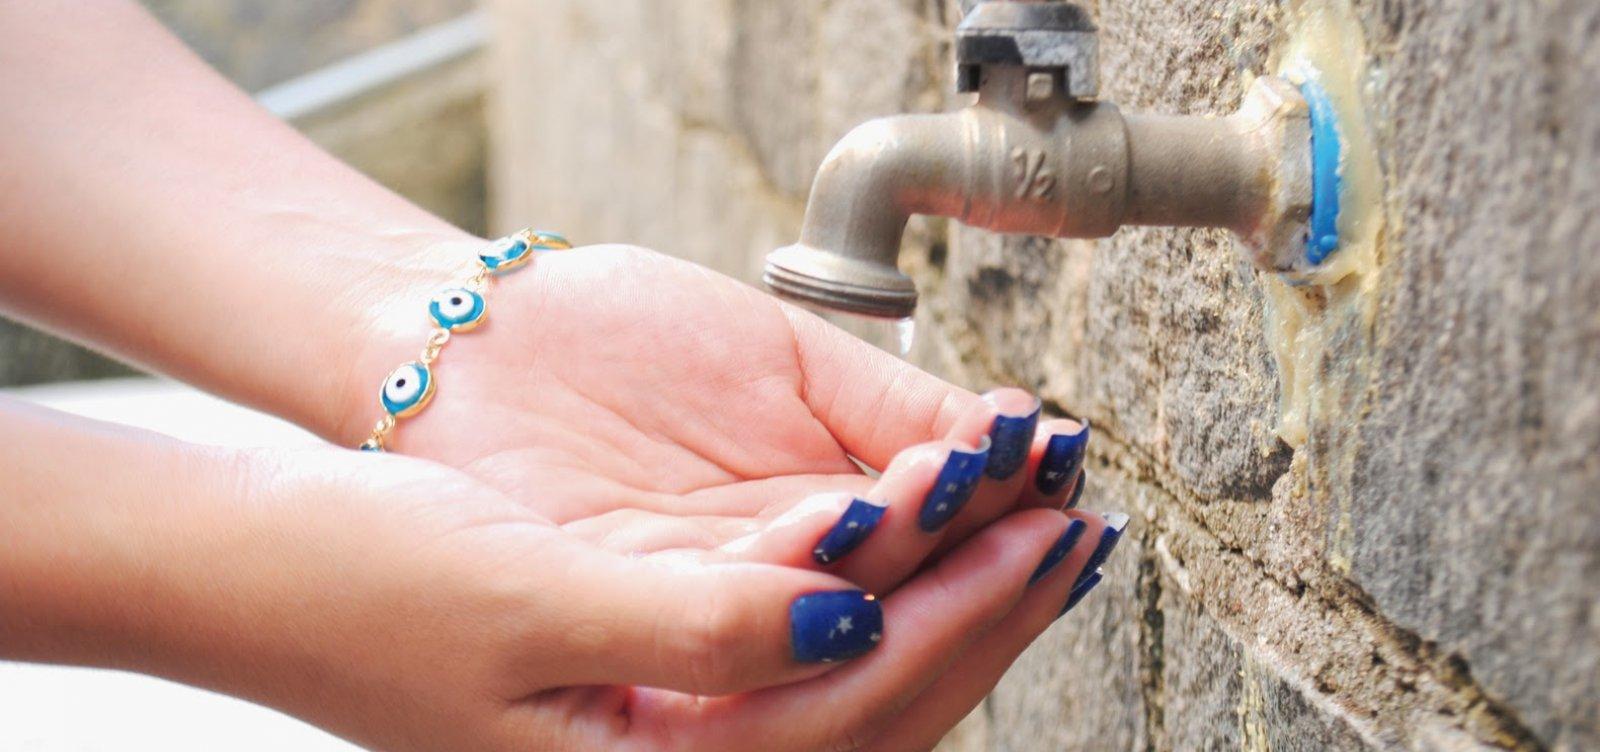 [Sete bairros de Salvador ficarão sem água nesta terça]